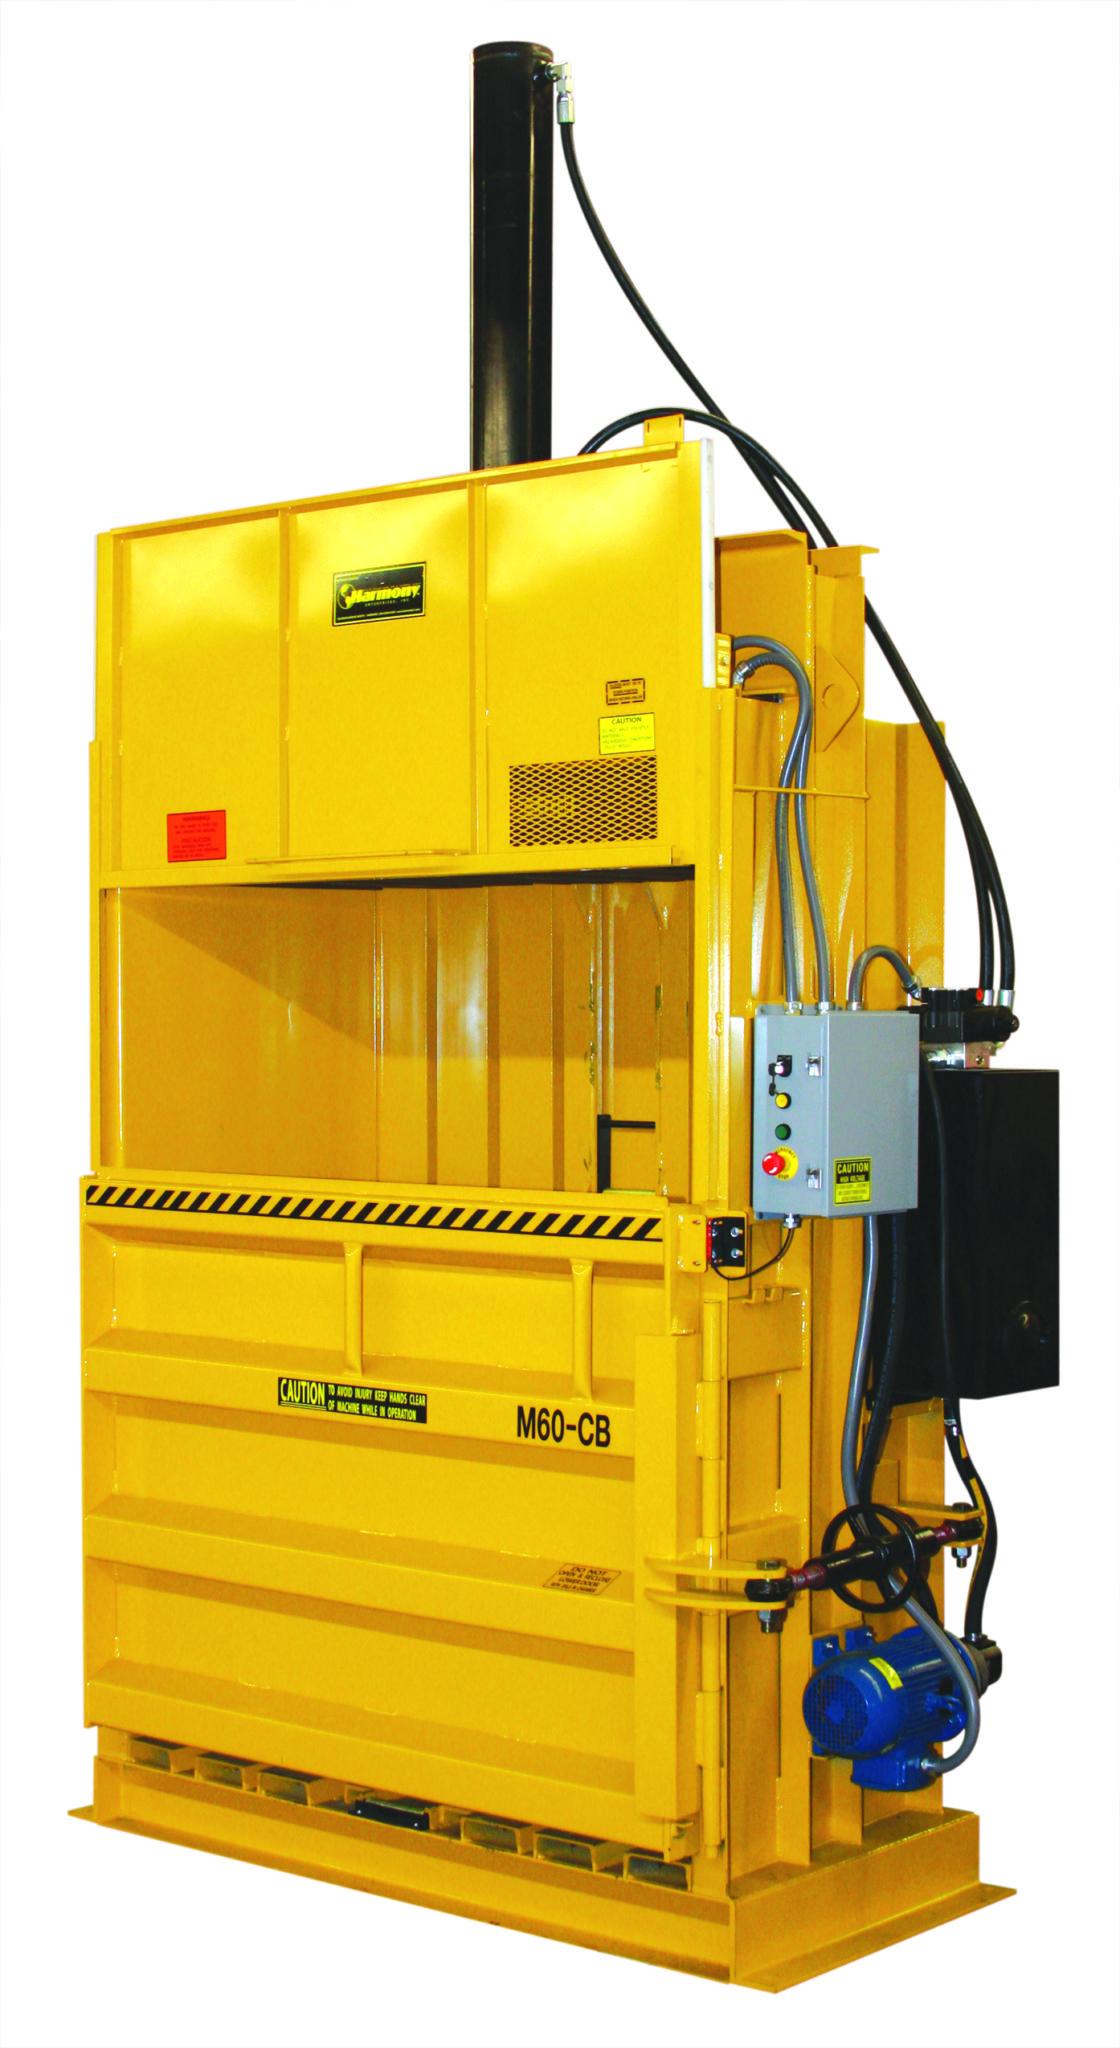 Cardboard Box Compactor Wiring Diagram Industrial Waste Compactors Diagrams